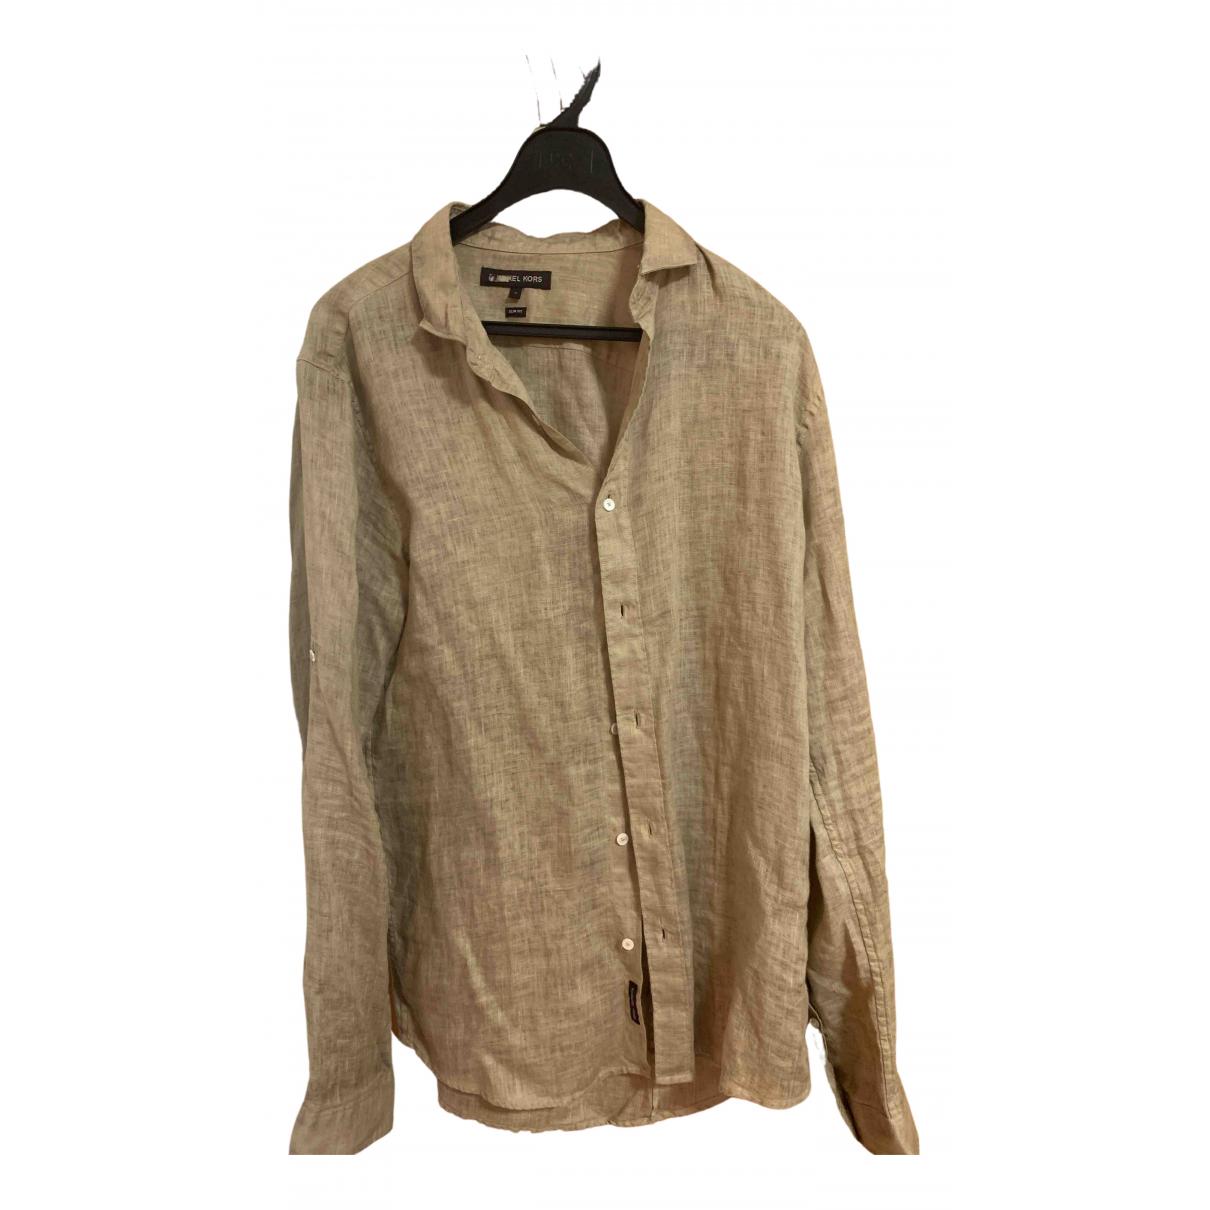 Michael Kors - Chemises   pour homme en lin - marron